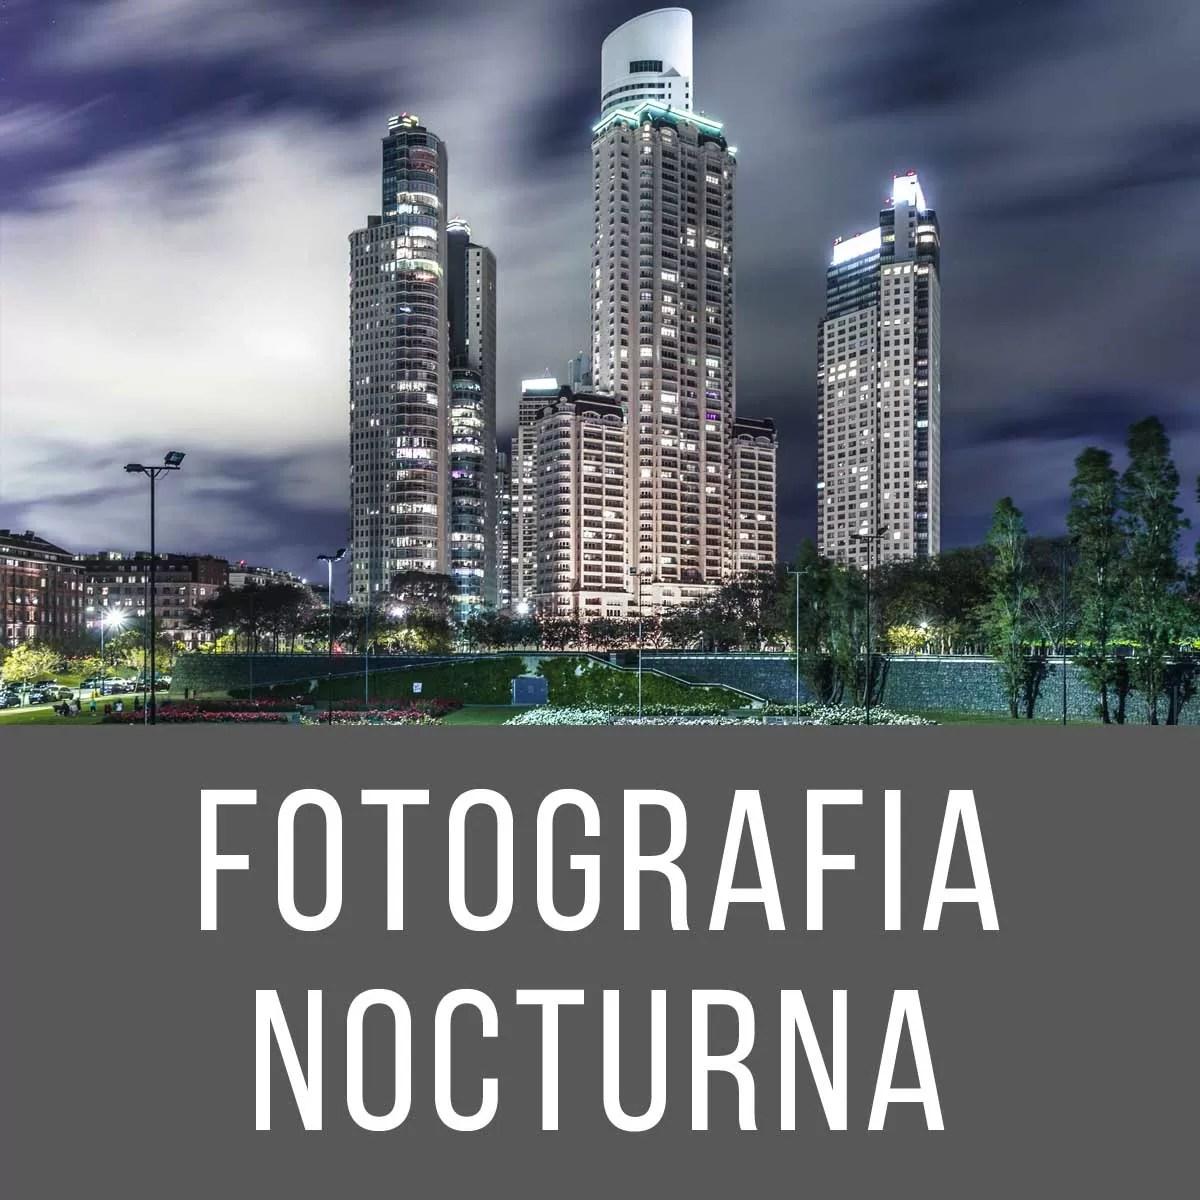 La Fotografia Nocturna